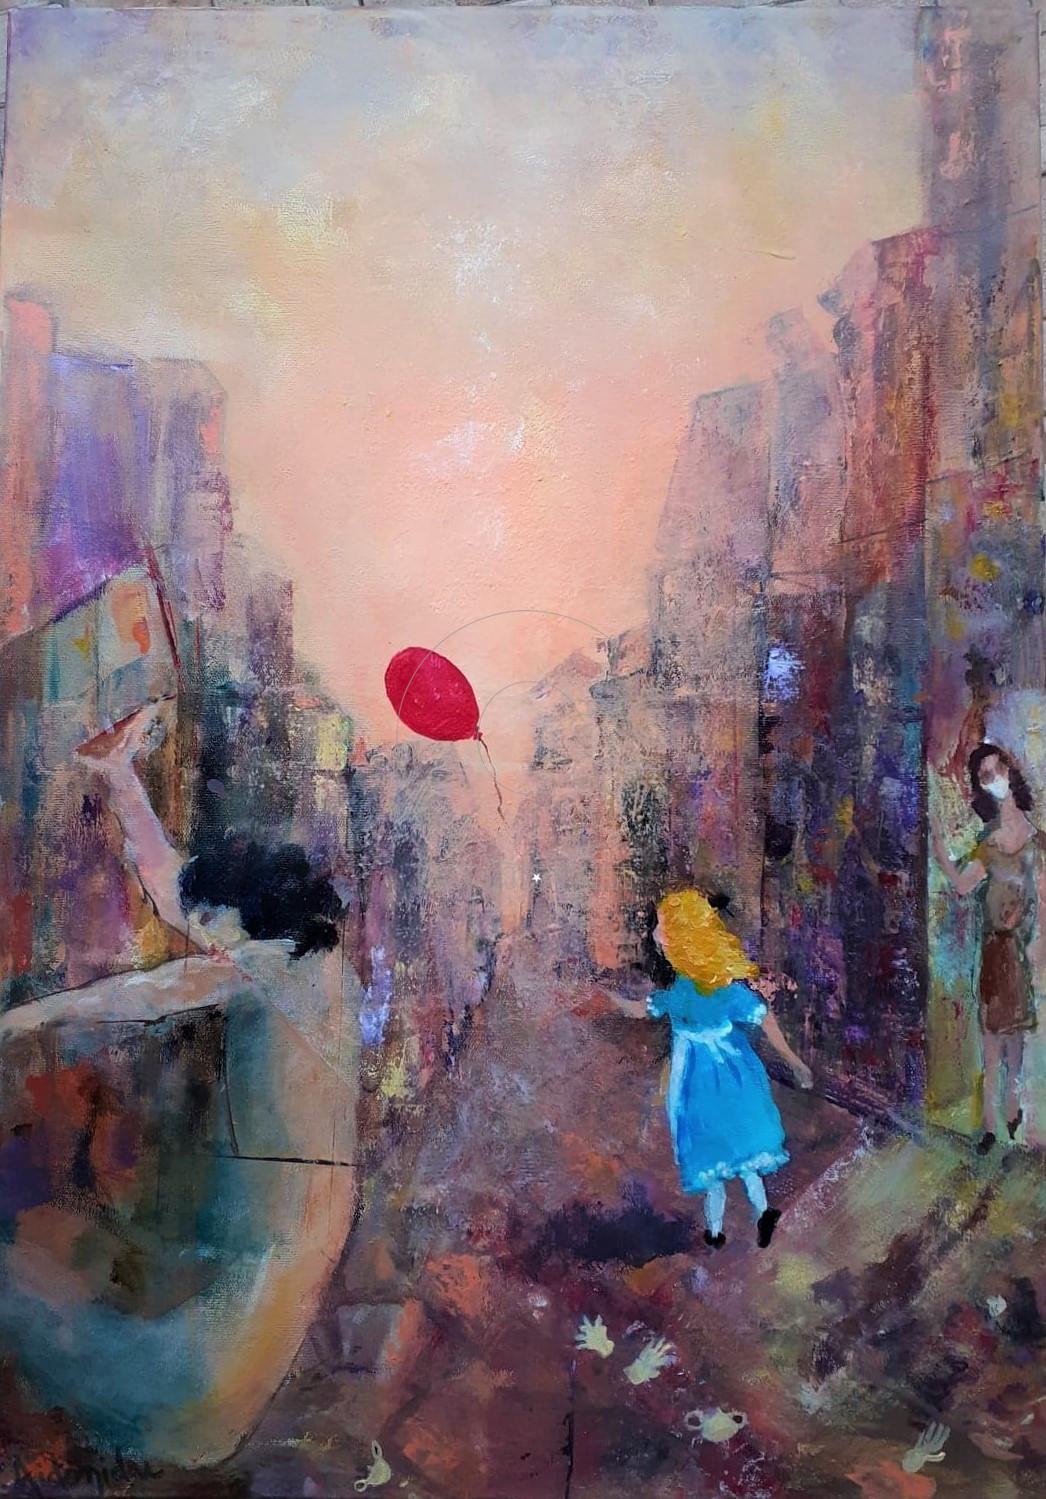 Σοφία Αηδονίδου - Sofia Aidonidou, Η Αλίκη δε μένει πια εδώ-Alice Doesn't Live Here Anymore, 70x50cm, Ακρυλικά σε καμβά - Acrylics on canvas